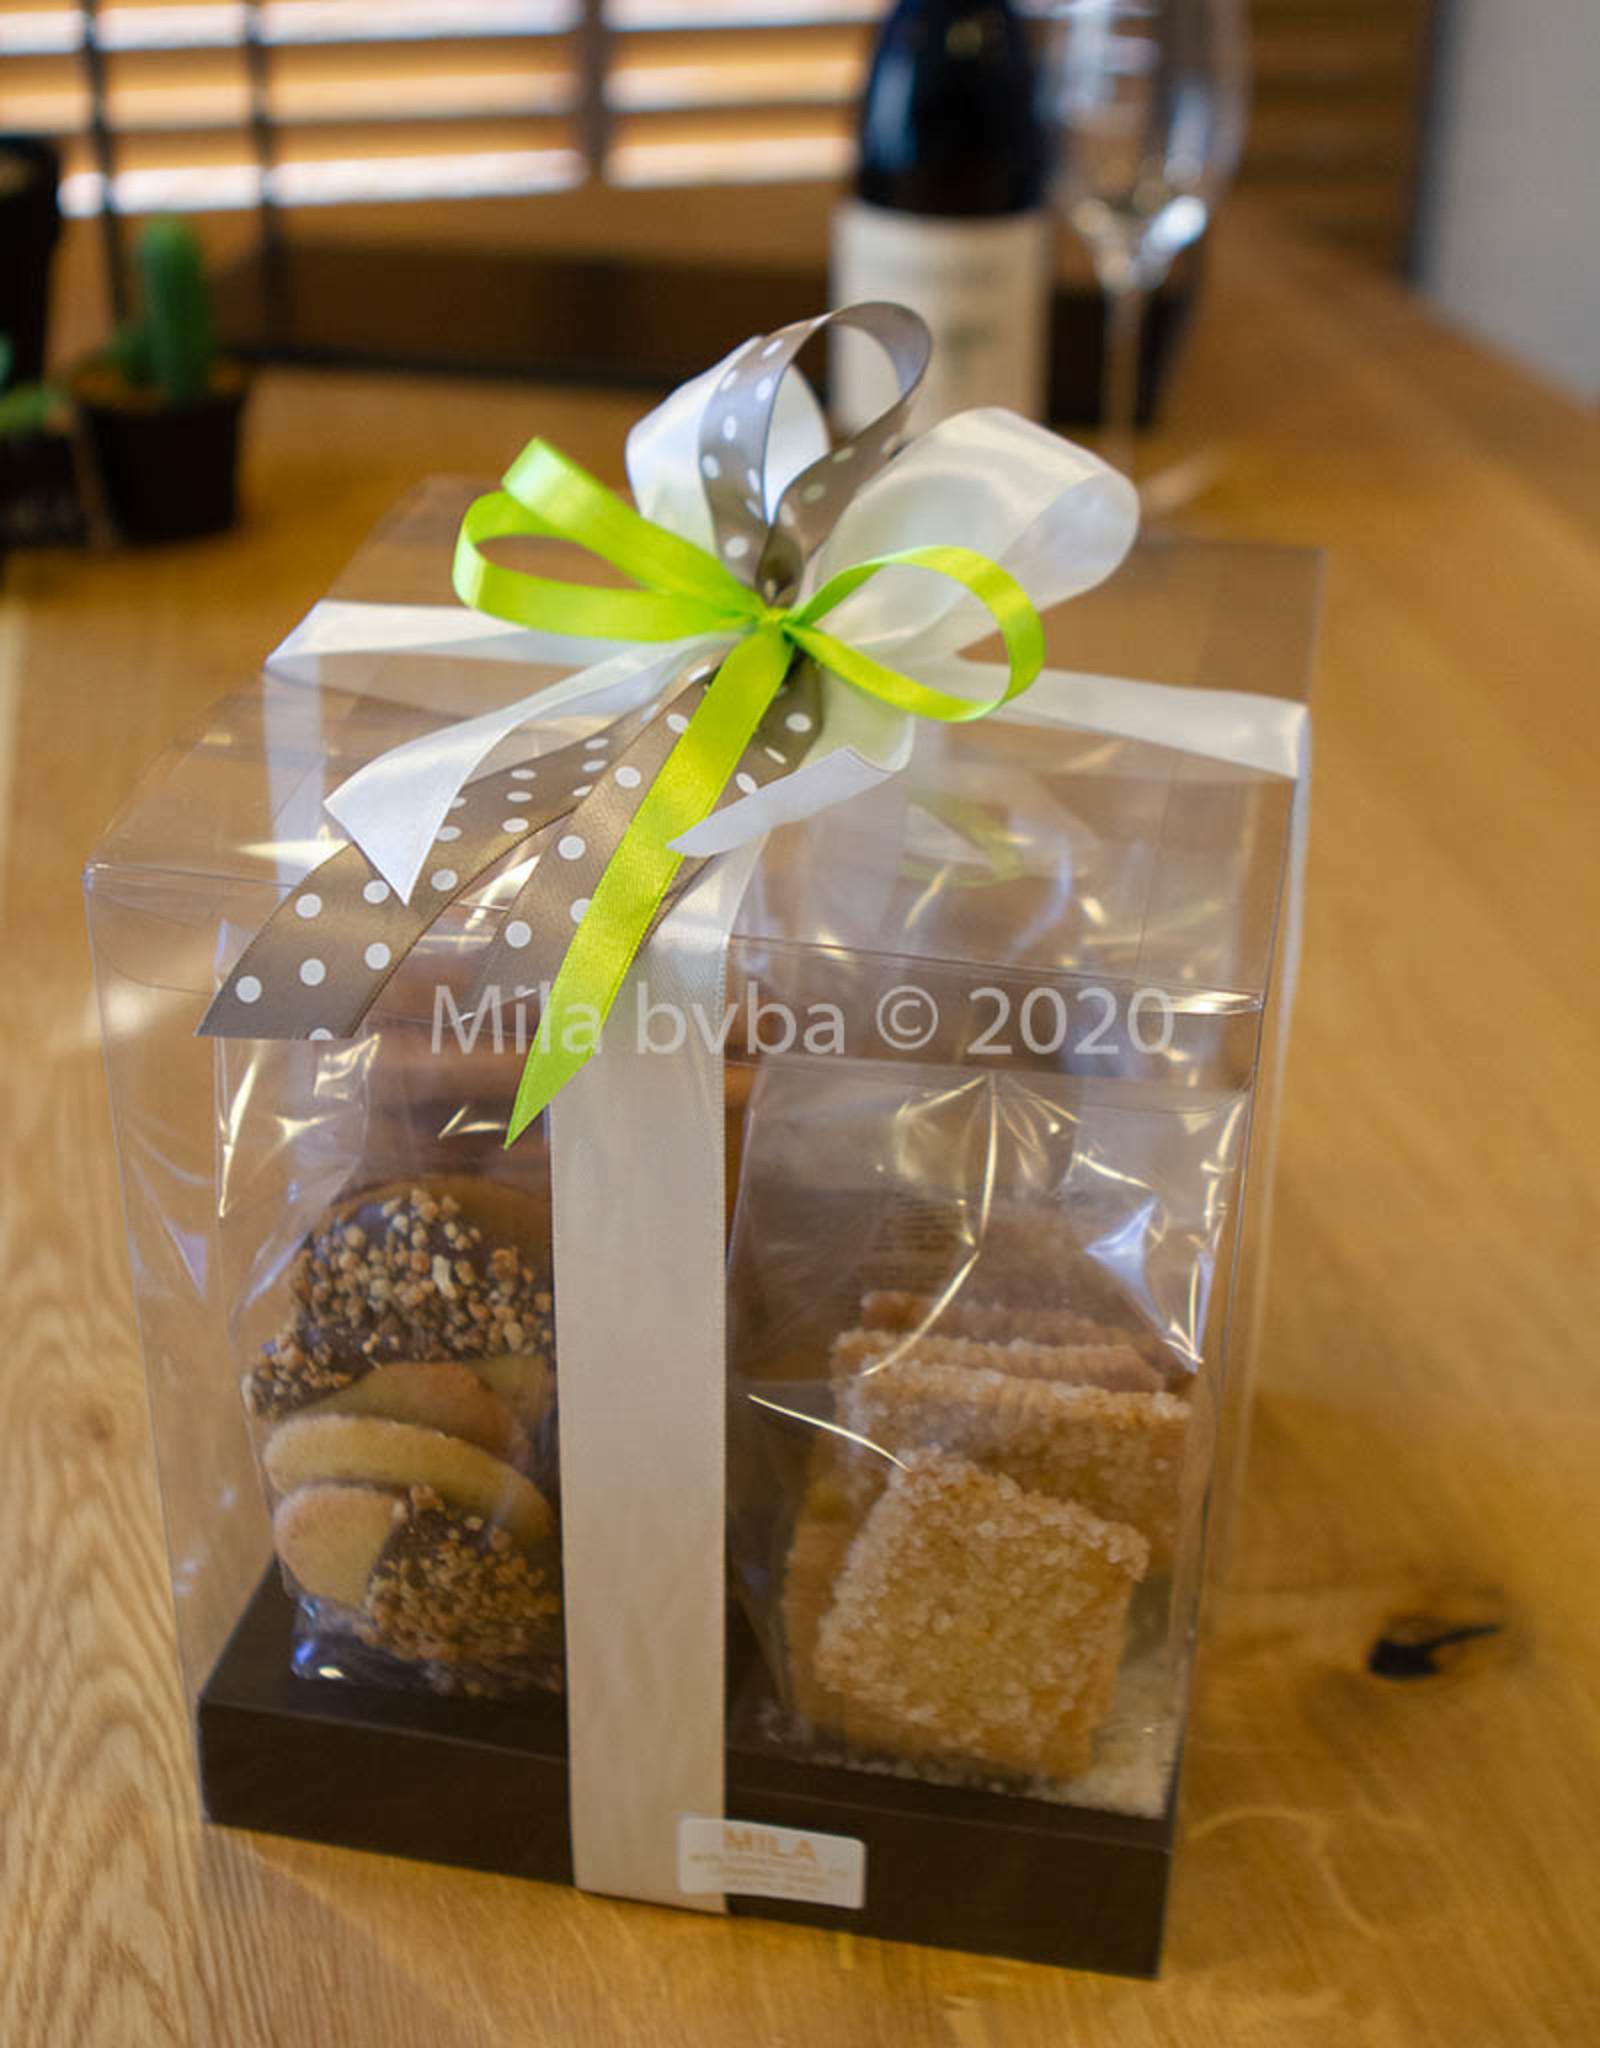 Mica koekjesdoos met ambachtelijke koekjes